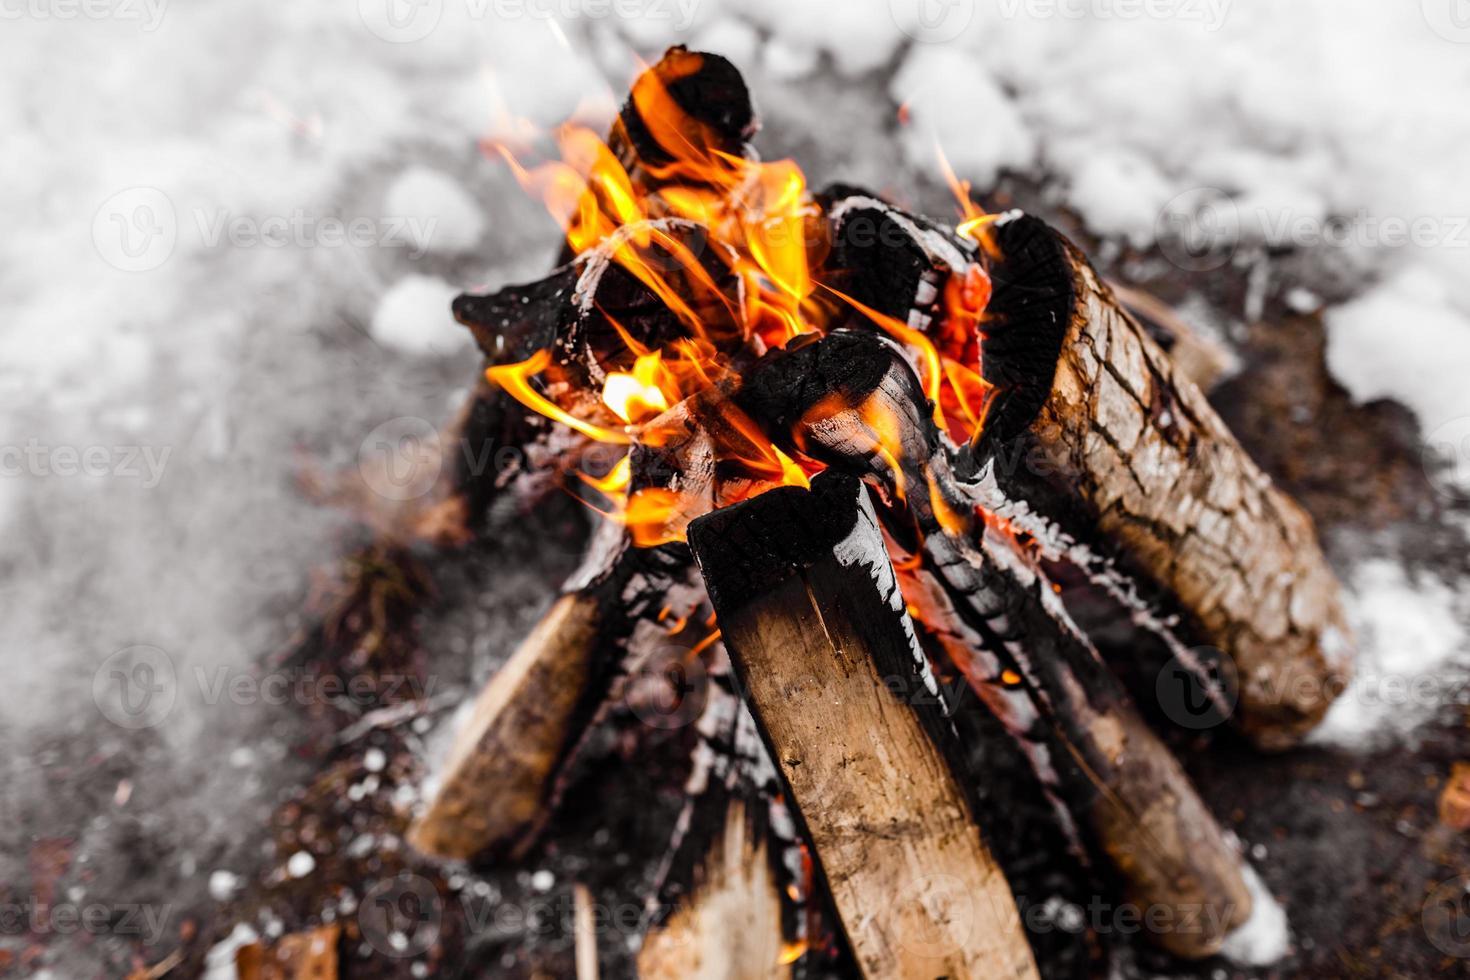 fogata arde en la nieve en el bosque. fogata ardiendo foto